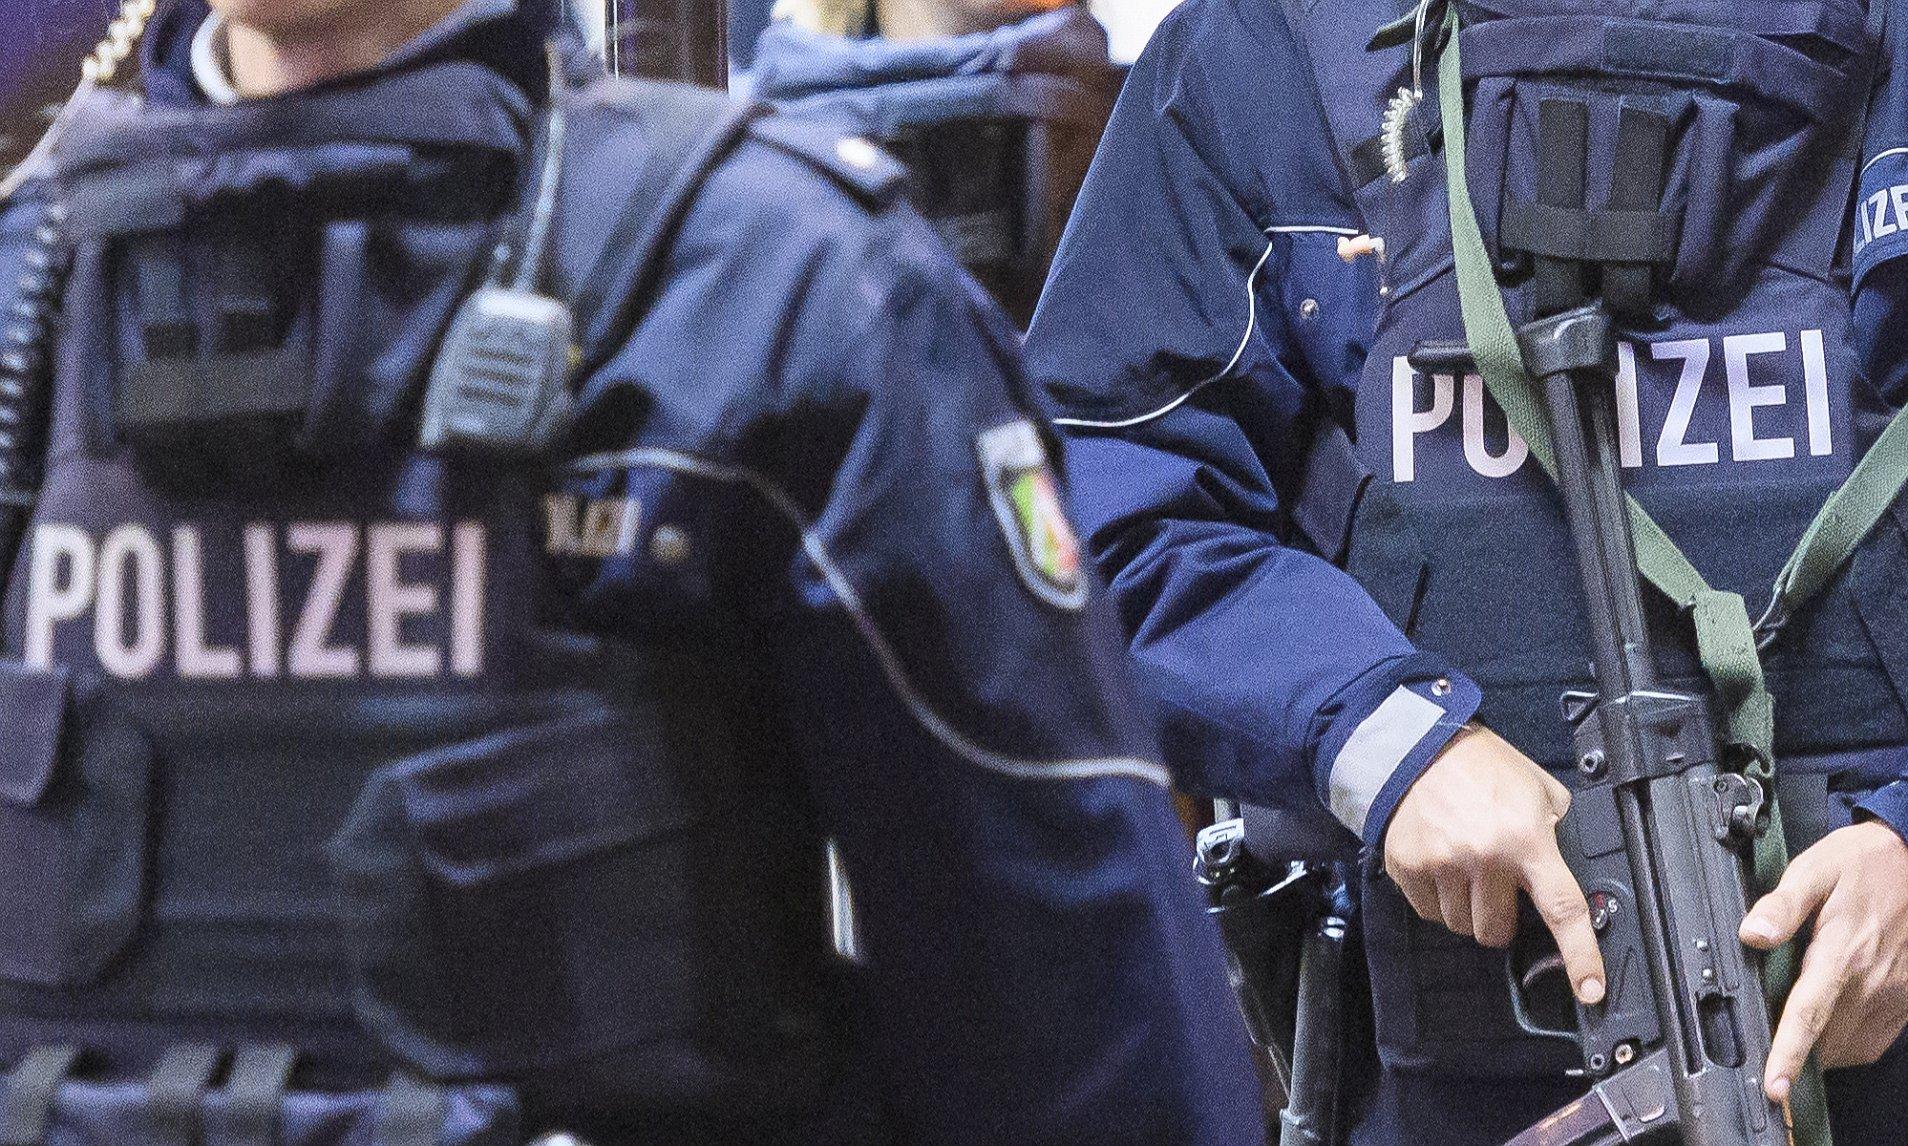 V Německu a Dánsku zatkli 14 džihádistů, kteří chystali bombové útoky